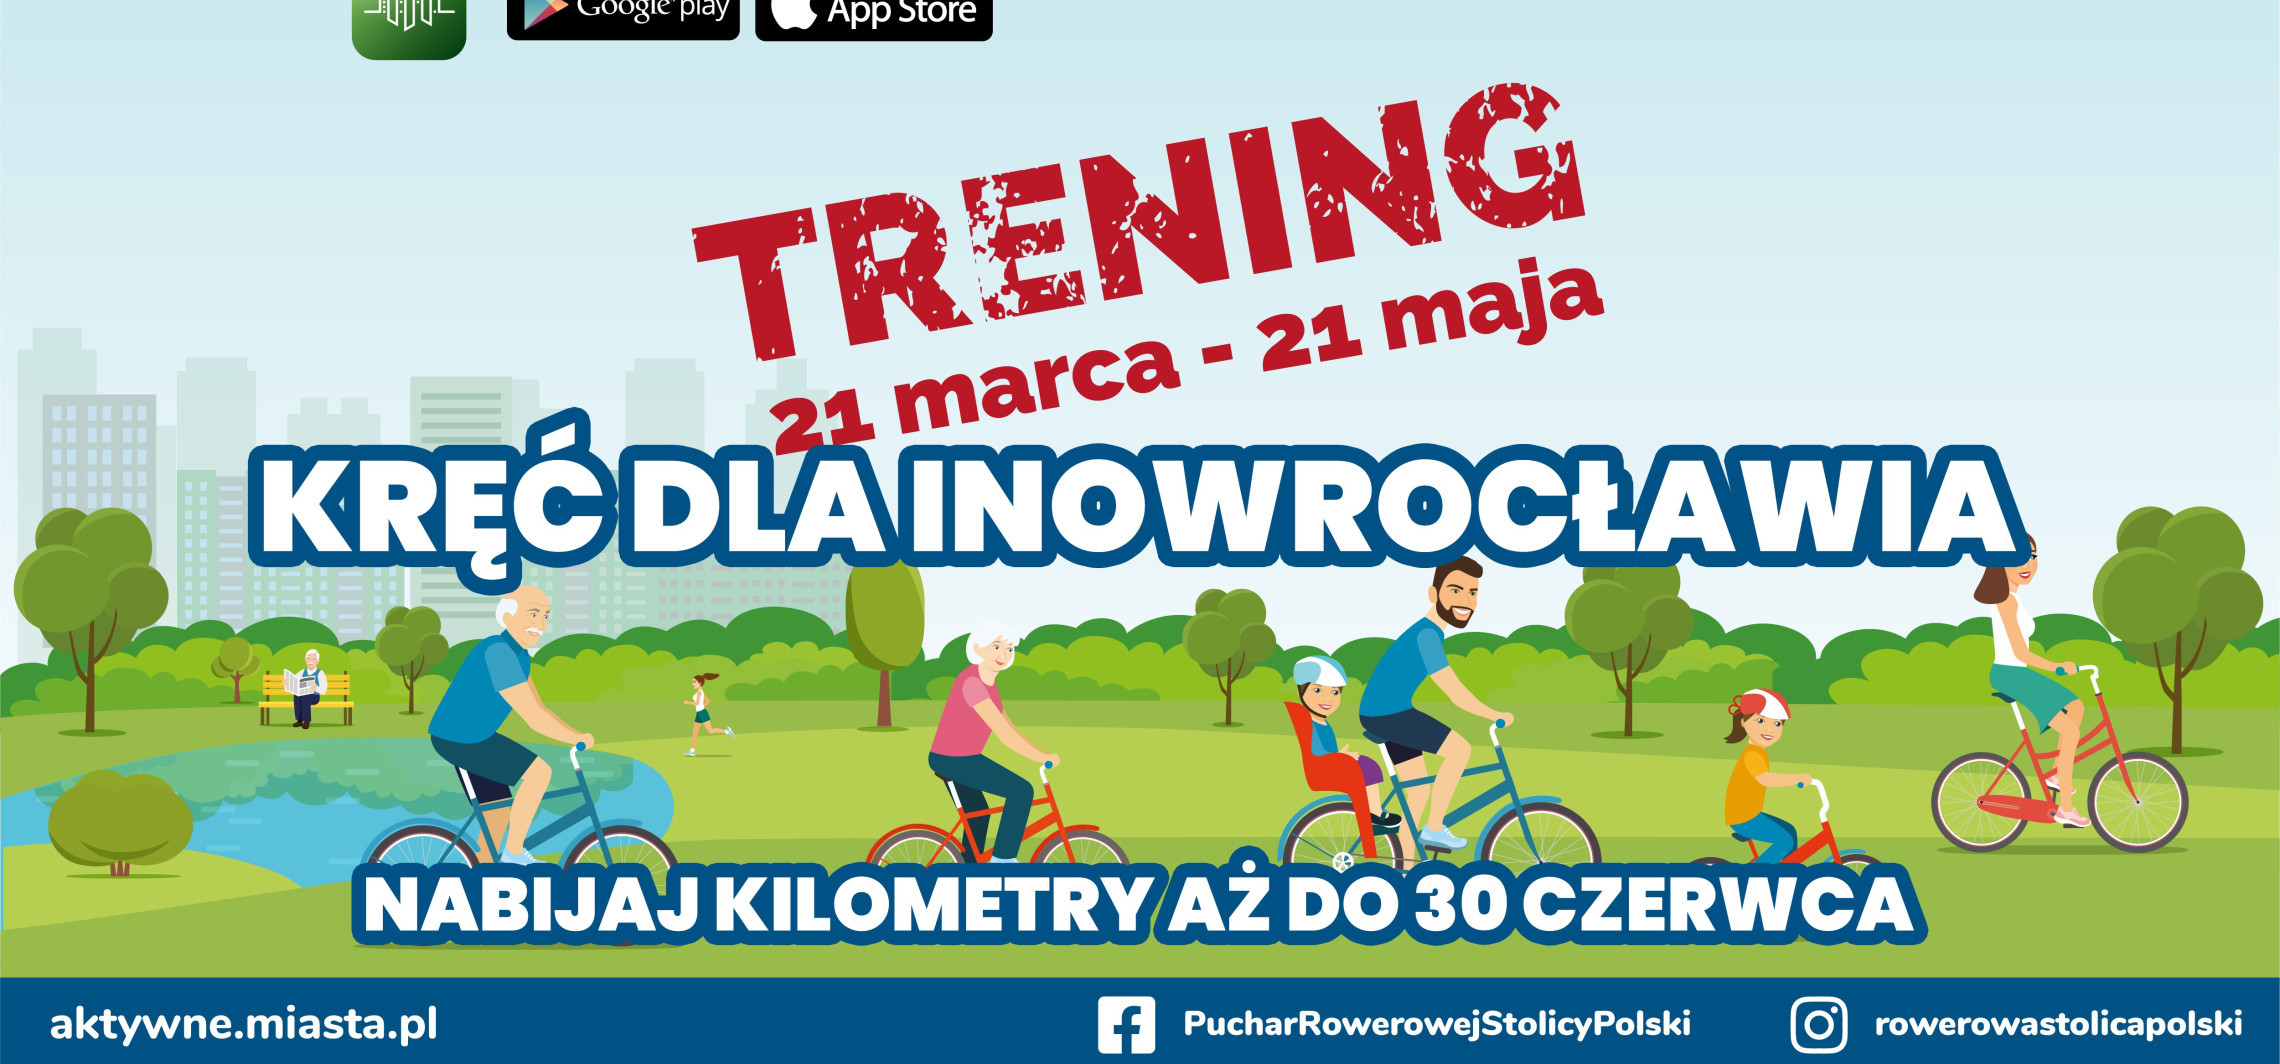 Inowrocław - Inowrocław w wielkiej rowerowej rywalizacji